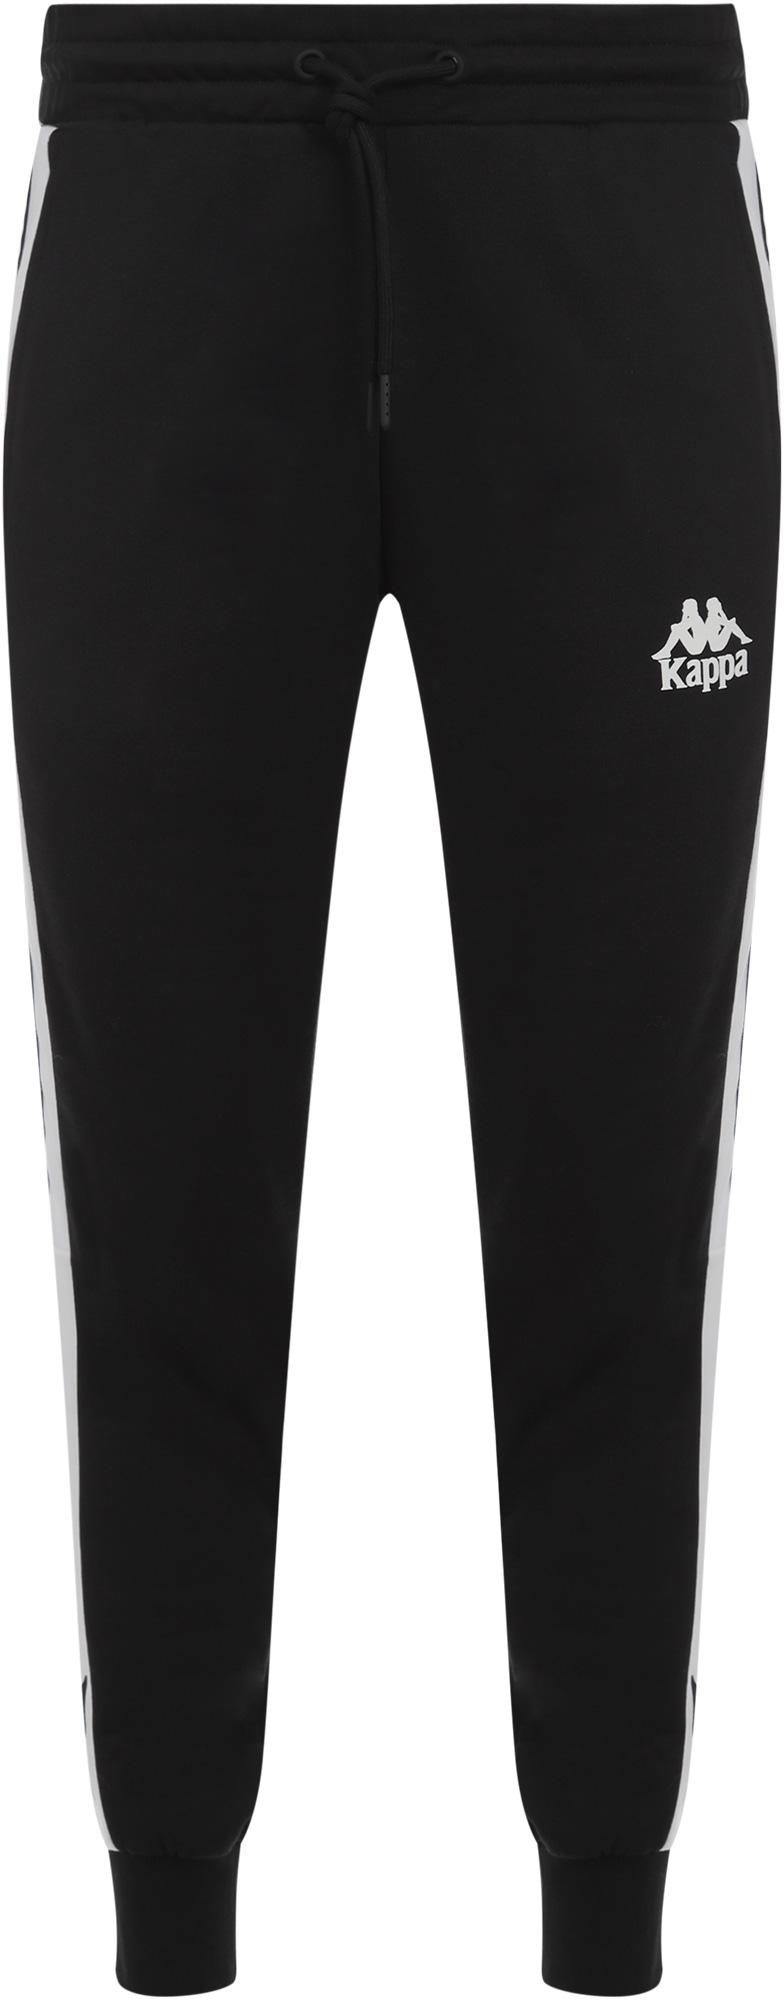 цена Kappa Брюки мужские Kappa, размер 46 онлайн в 2017 году